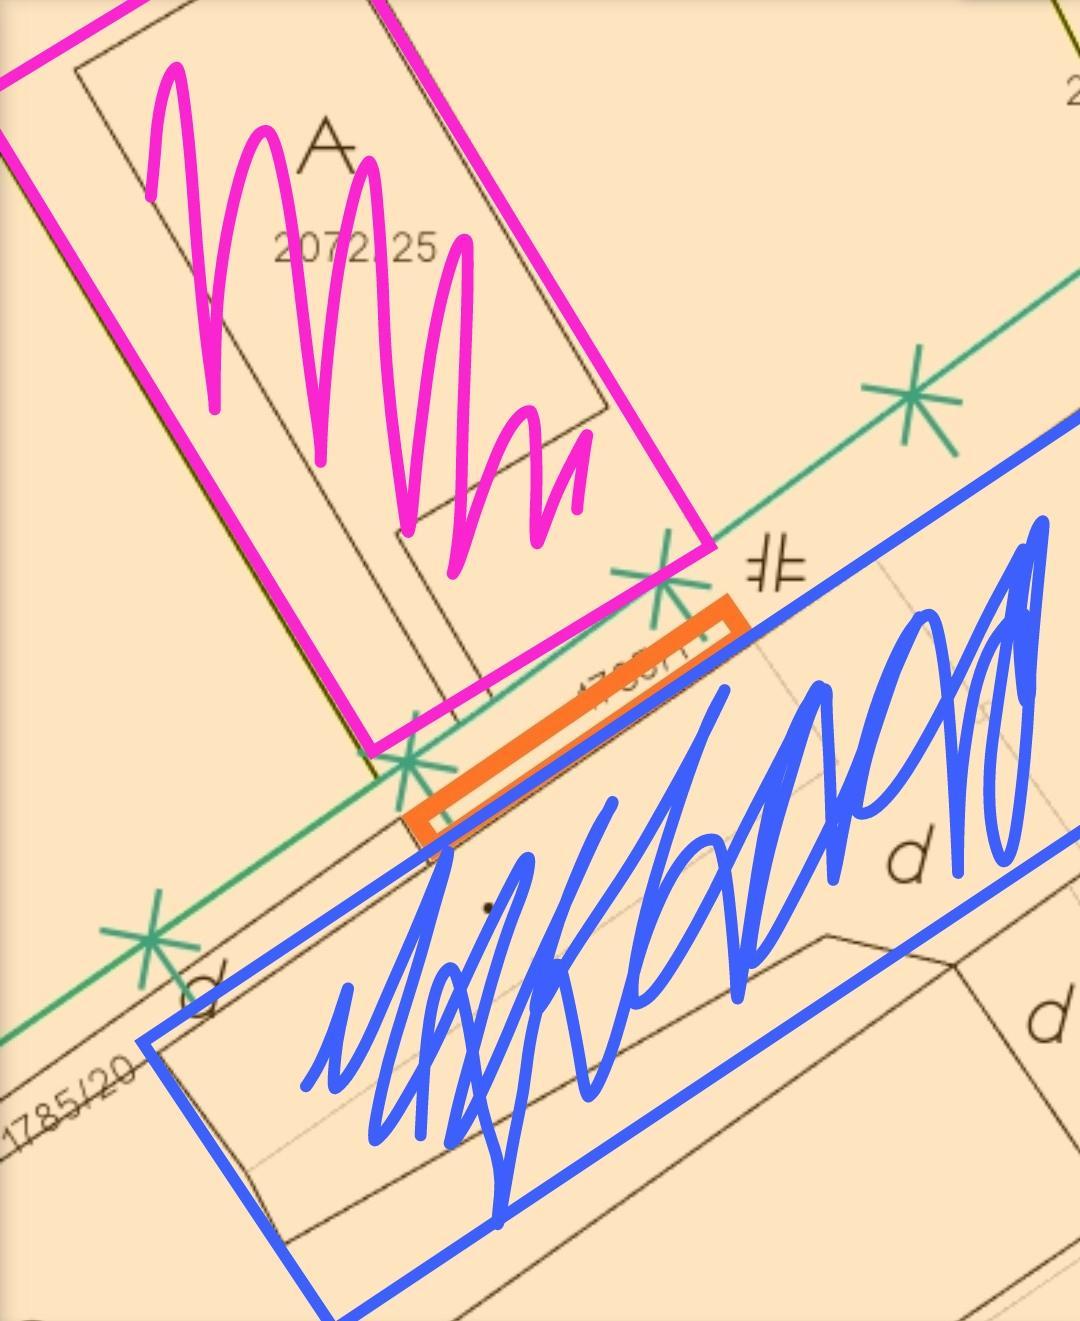 @danculd stavebné povolenie už... - Obrázok č. 1